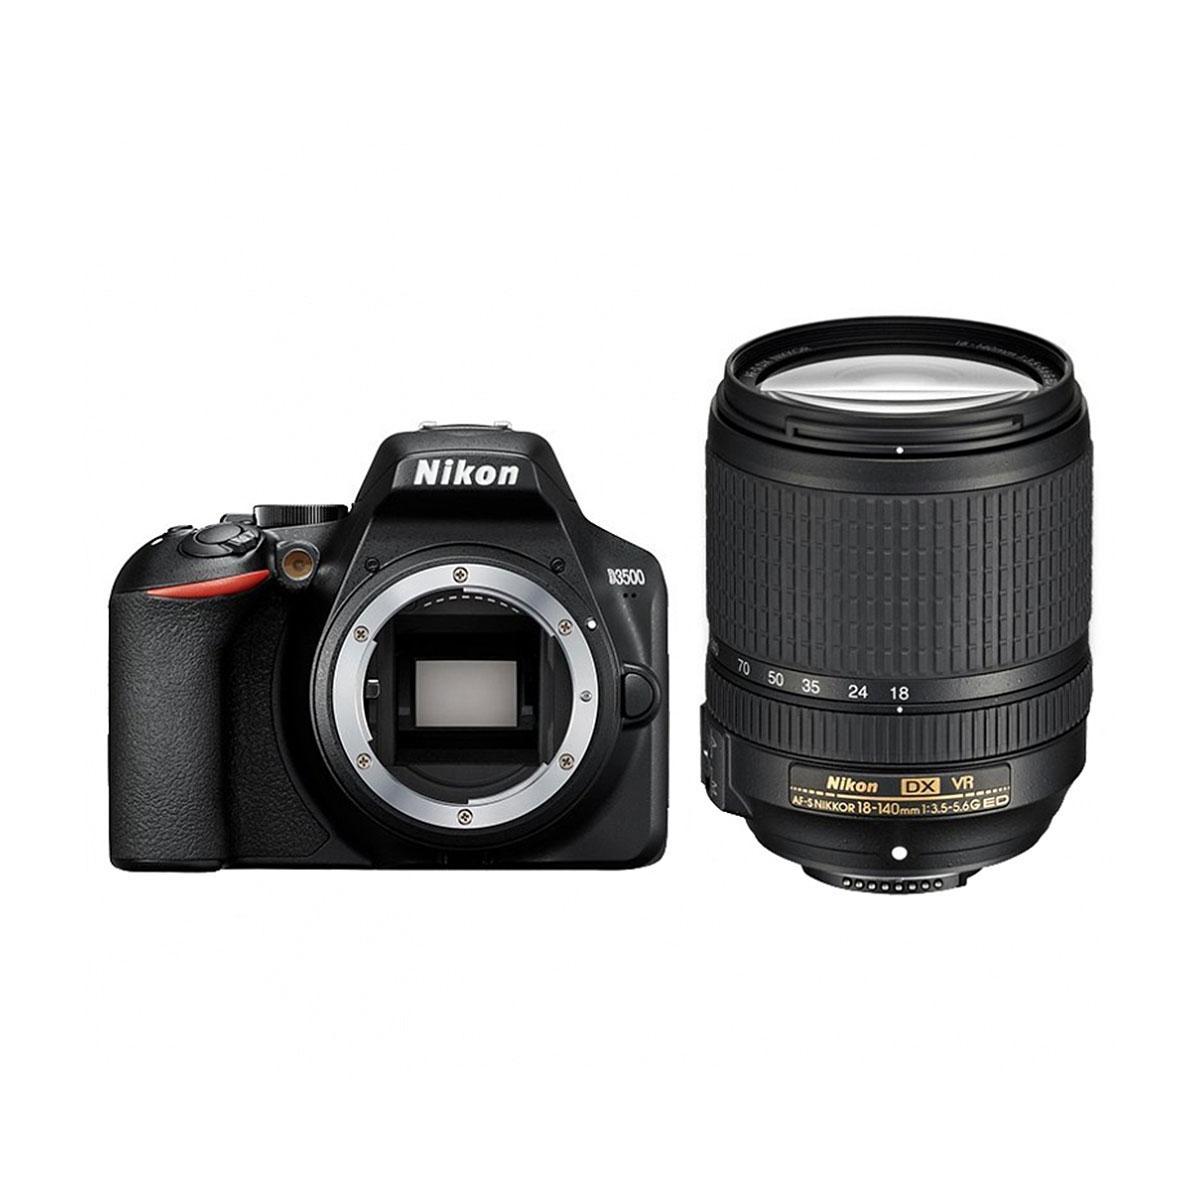 Nikon D3500 + Nikkor AF-S DX 18-140mm f/3.5-5.6 VR ED